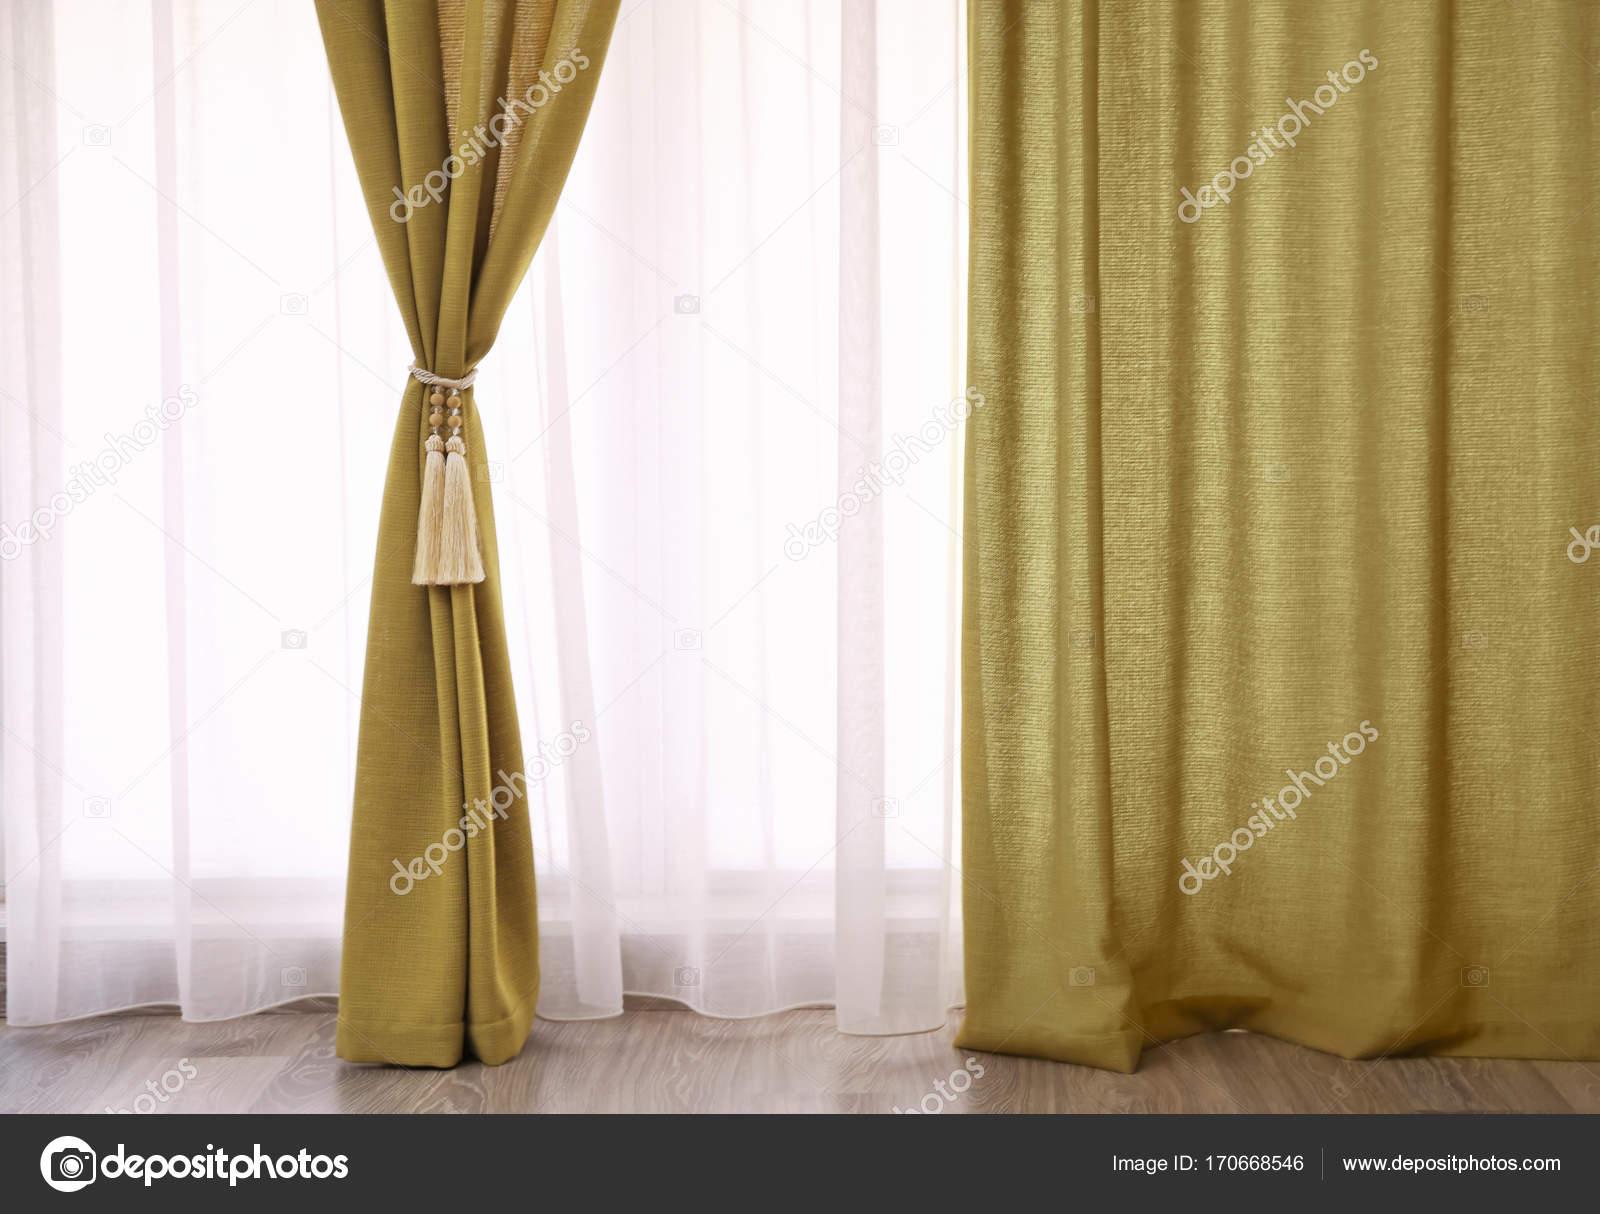 mooie gordijnen met tieback binnenshuis stockfoto